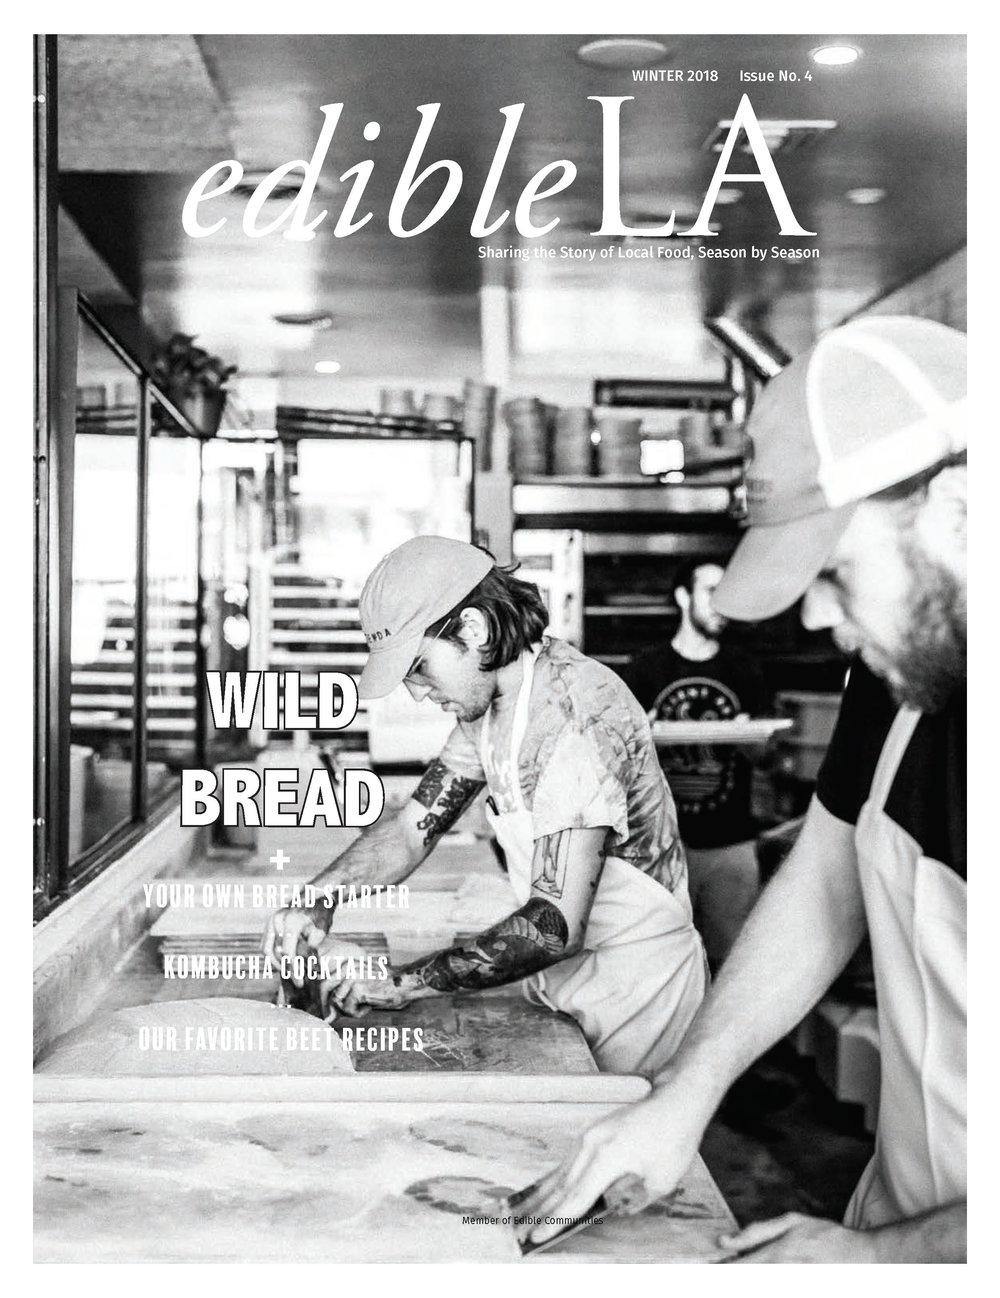 wild bread - Edible LA Issue 4, Winter 2018